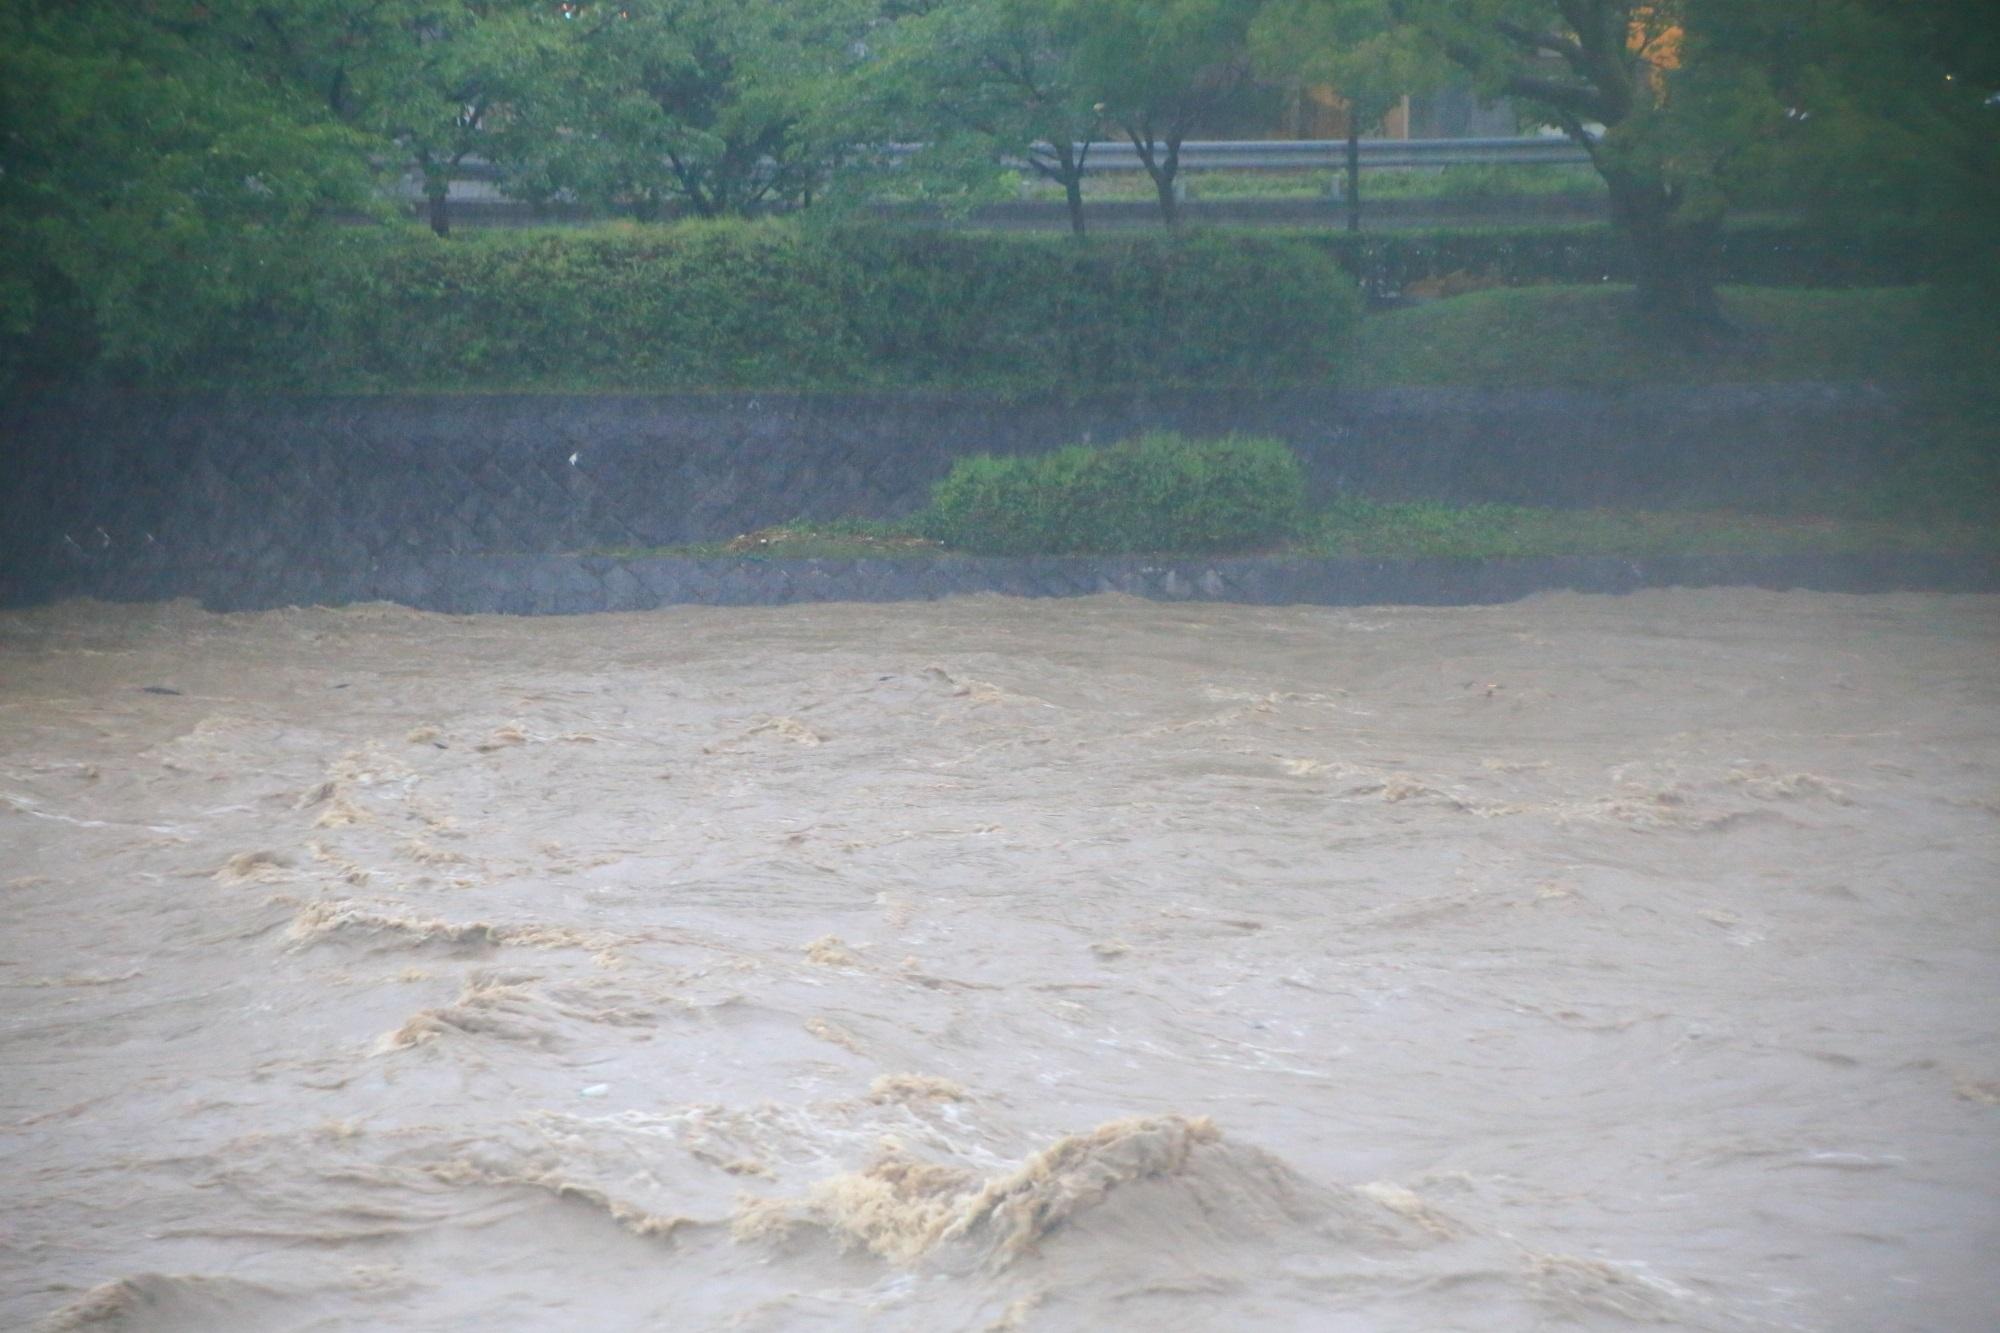 台風11号の大雨で増水して歩道が完全に水に浸かった2015年7月18日の鴨川